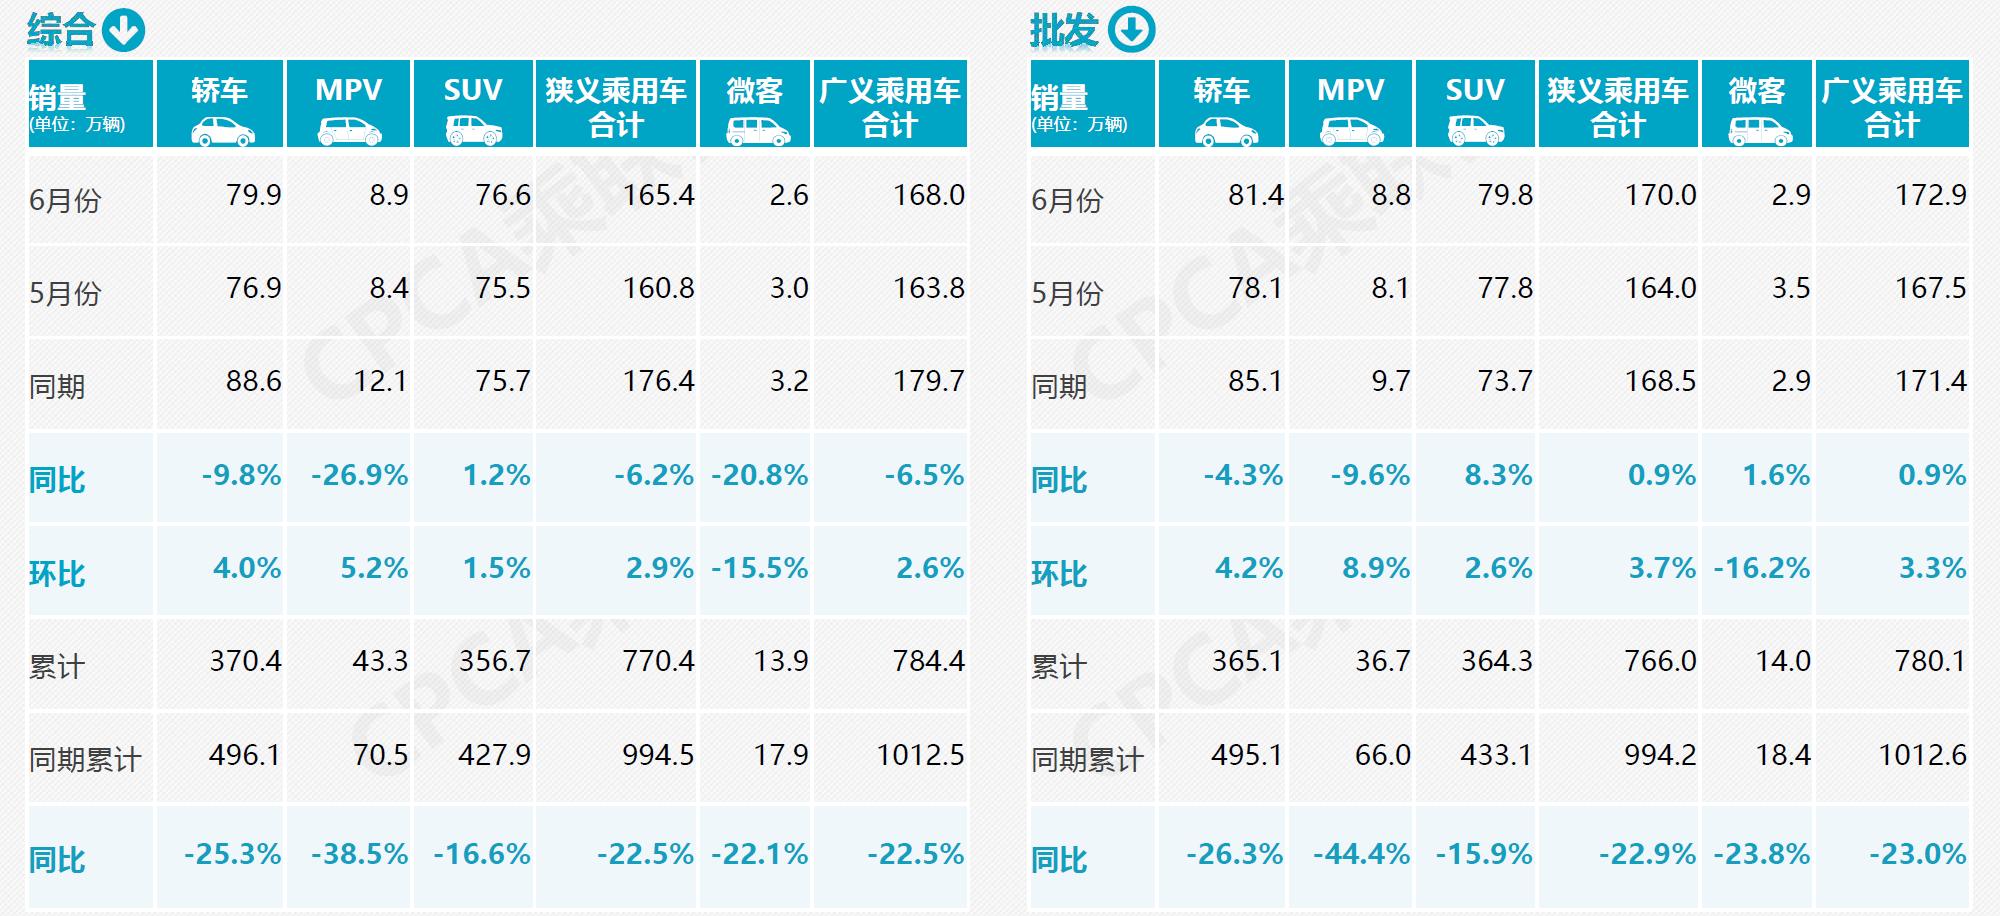 6月综合、批发销量分析表